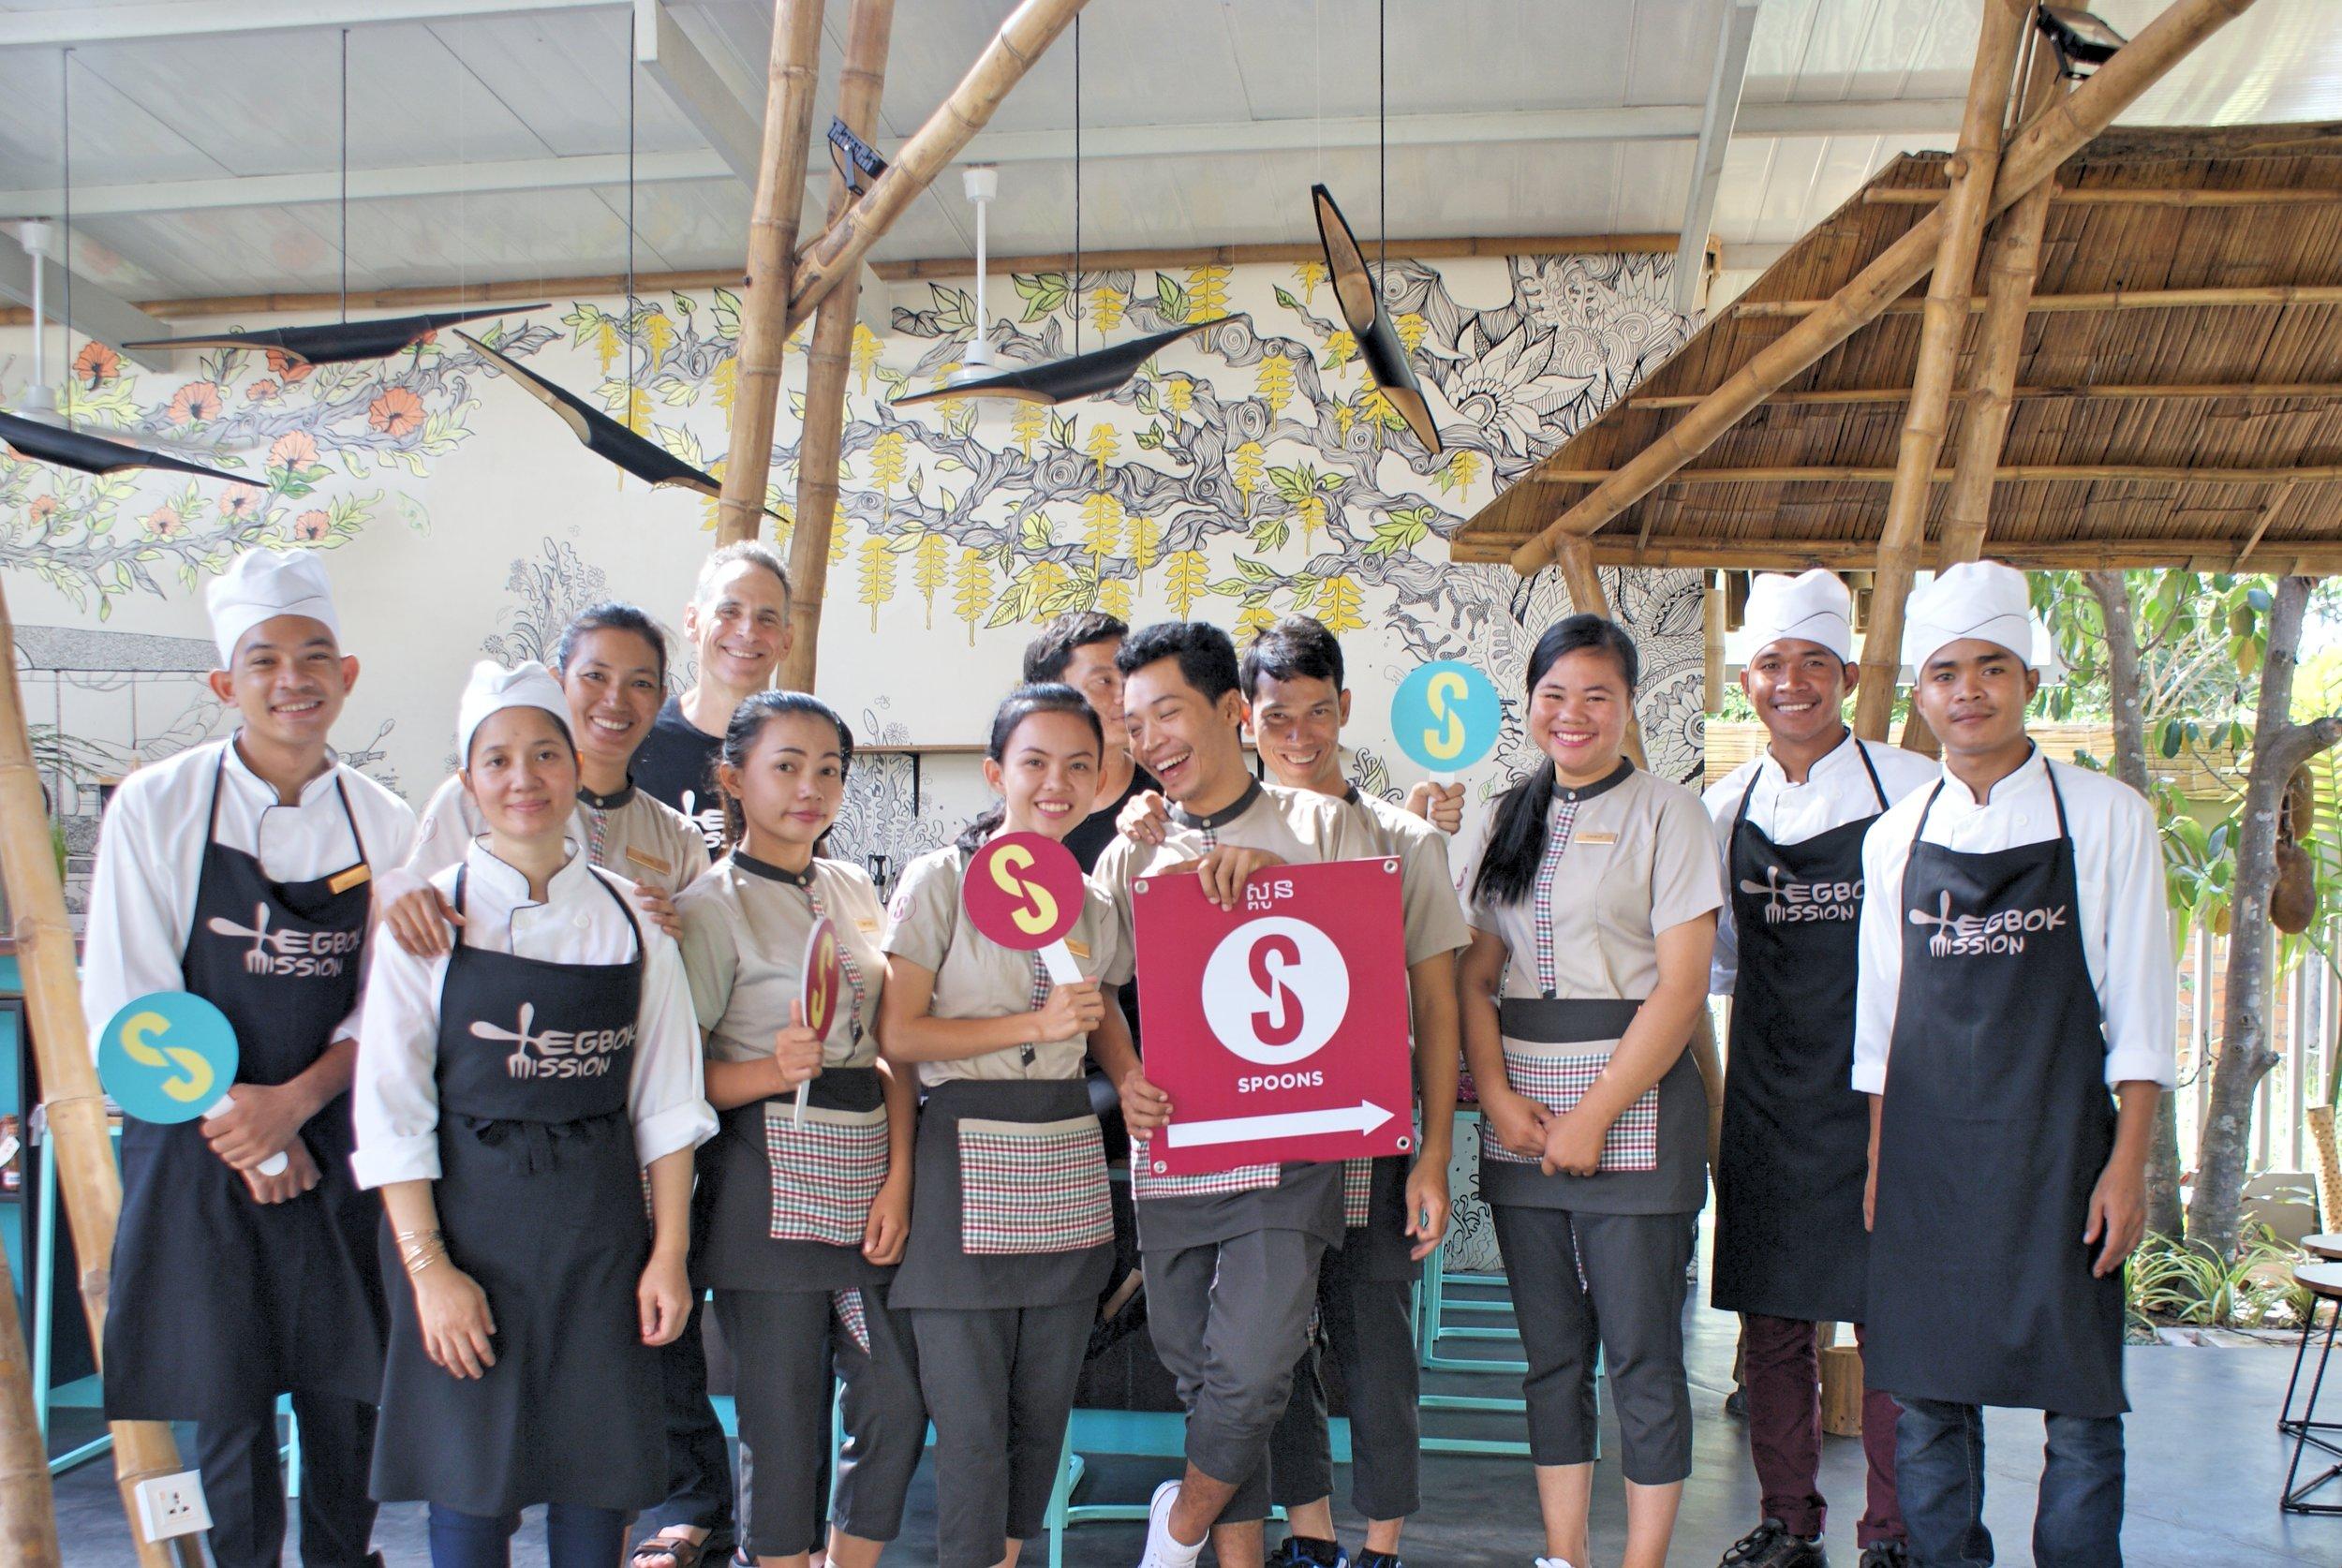 Spoons team.JPG